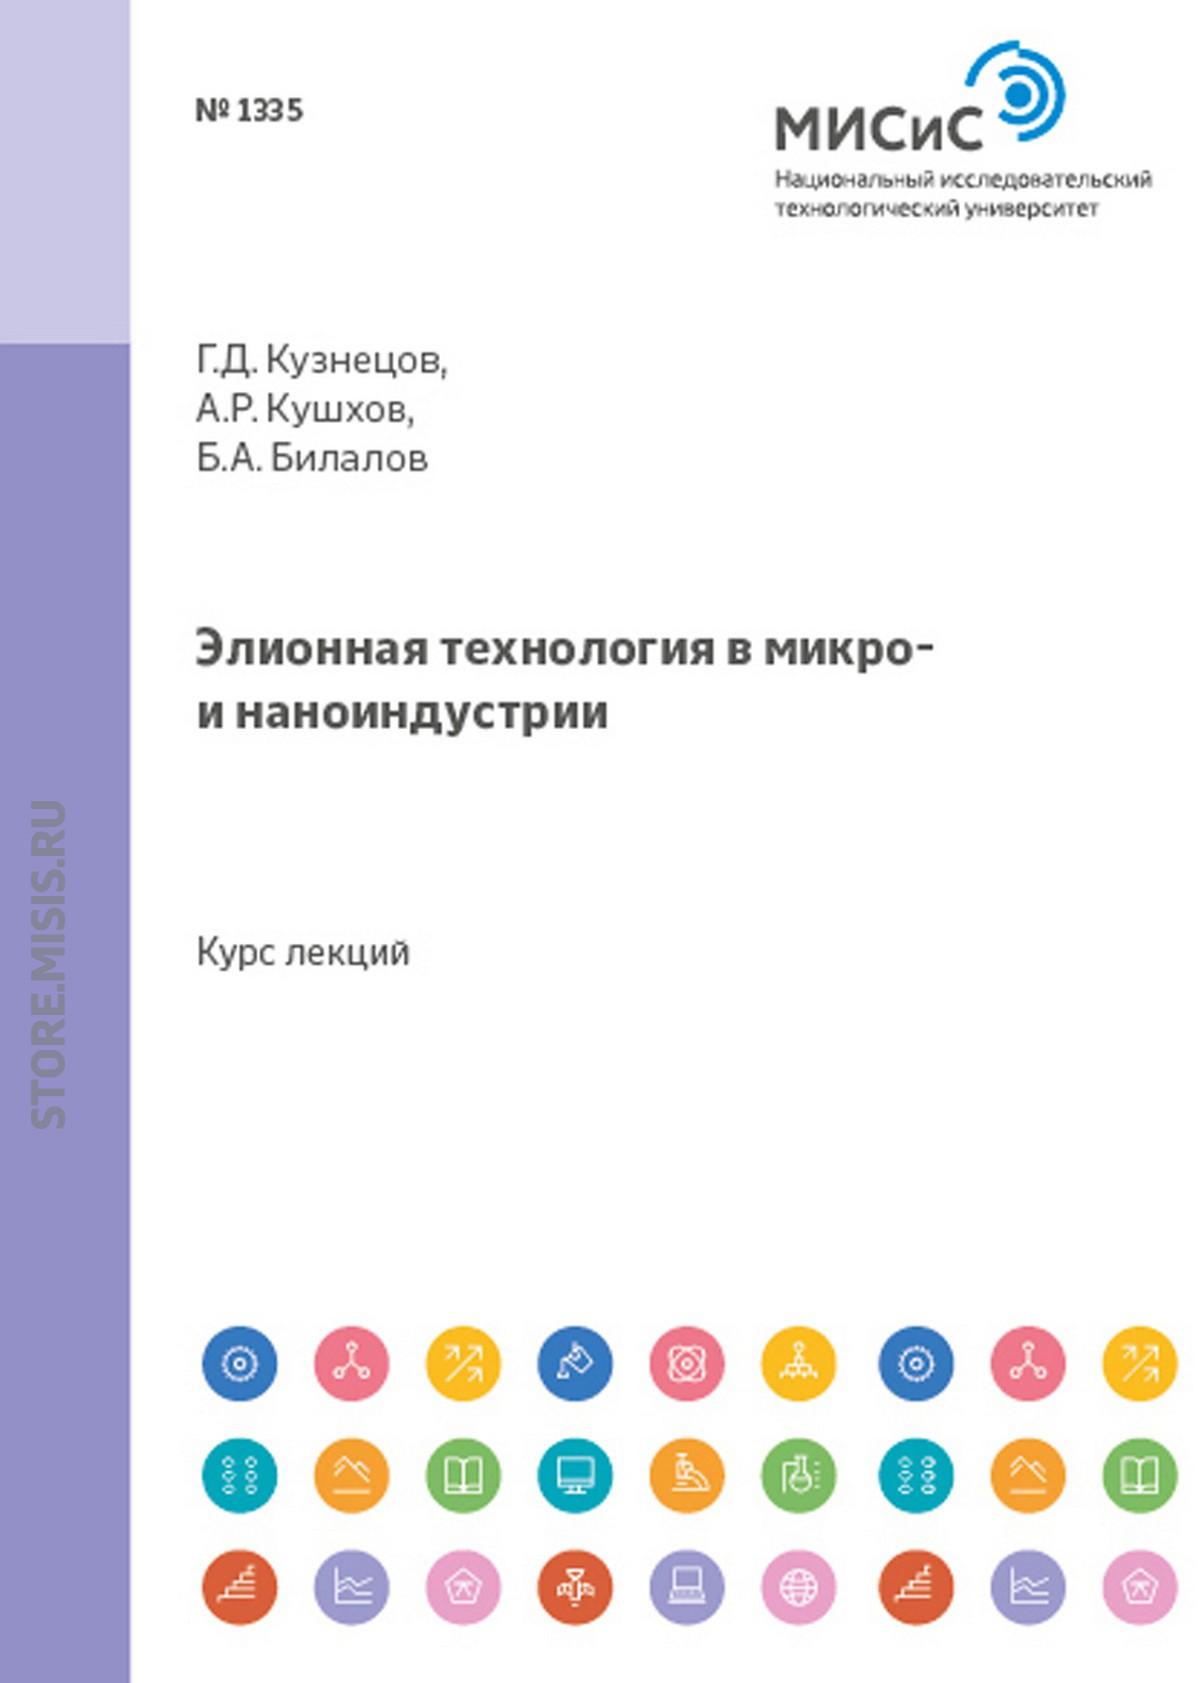 Аскер Кушхов Элионная технология в микро- и наноиндустрии